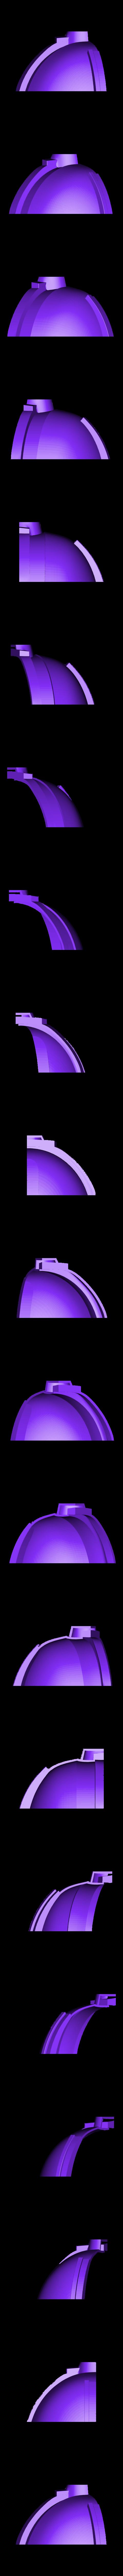 Part_1.stl Télécharger fichier STL gratuit Capitaine Rex Casque Phase 2 (Star Wars) • Plan imprimable en 3D, VillainousPropShop